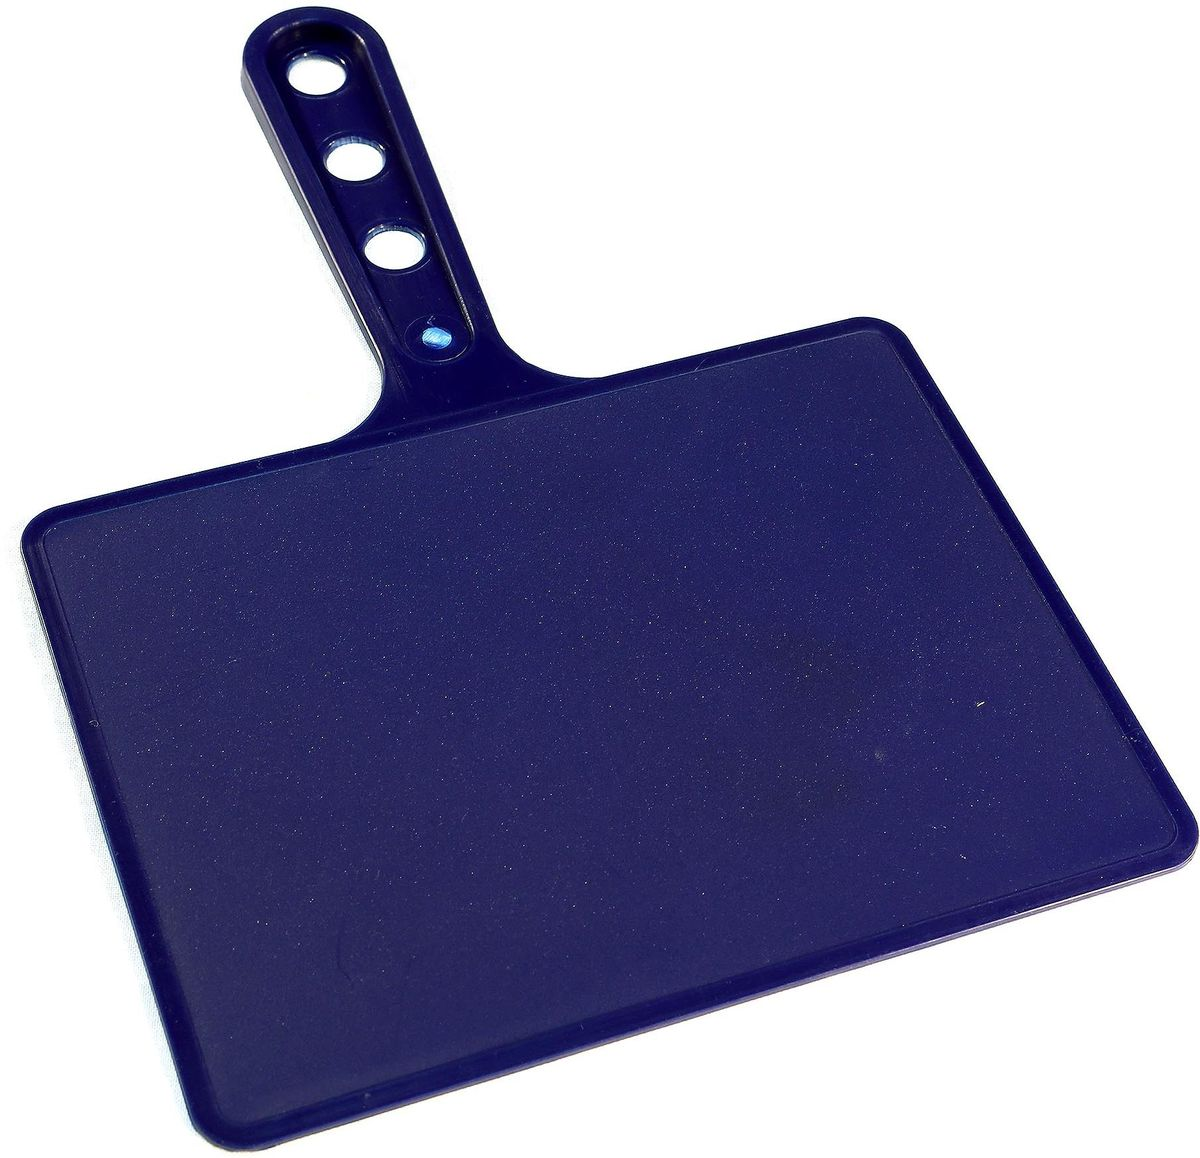 Веер для мангала BG, цвет: синий. 150181150181-С, синийВеер для мангала BG предназначен для раздува углей в мангале. Изготовлен из высококачественного пластика (ПЭНД), одна сторона - глянец, вторая - шагрень. Ручка имеет 3 отверстия. Можно использовать как разделочную доску для мяса, нарезки овощей или хлеба.Рабочая поверхность выполнена в виде прямоугольника, размер: 197 х 148 мм.